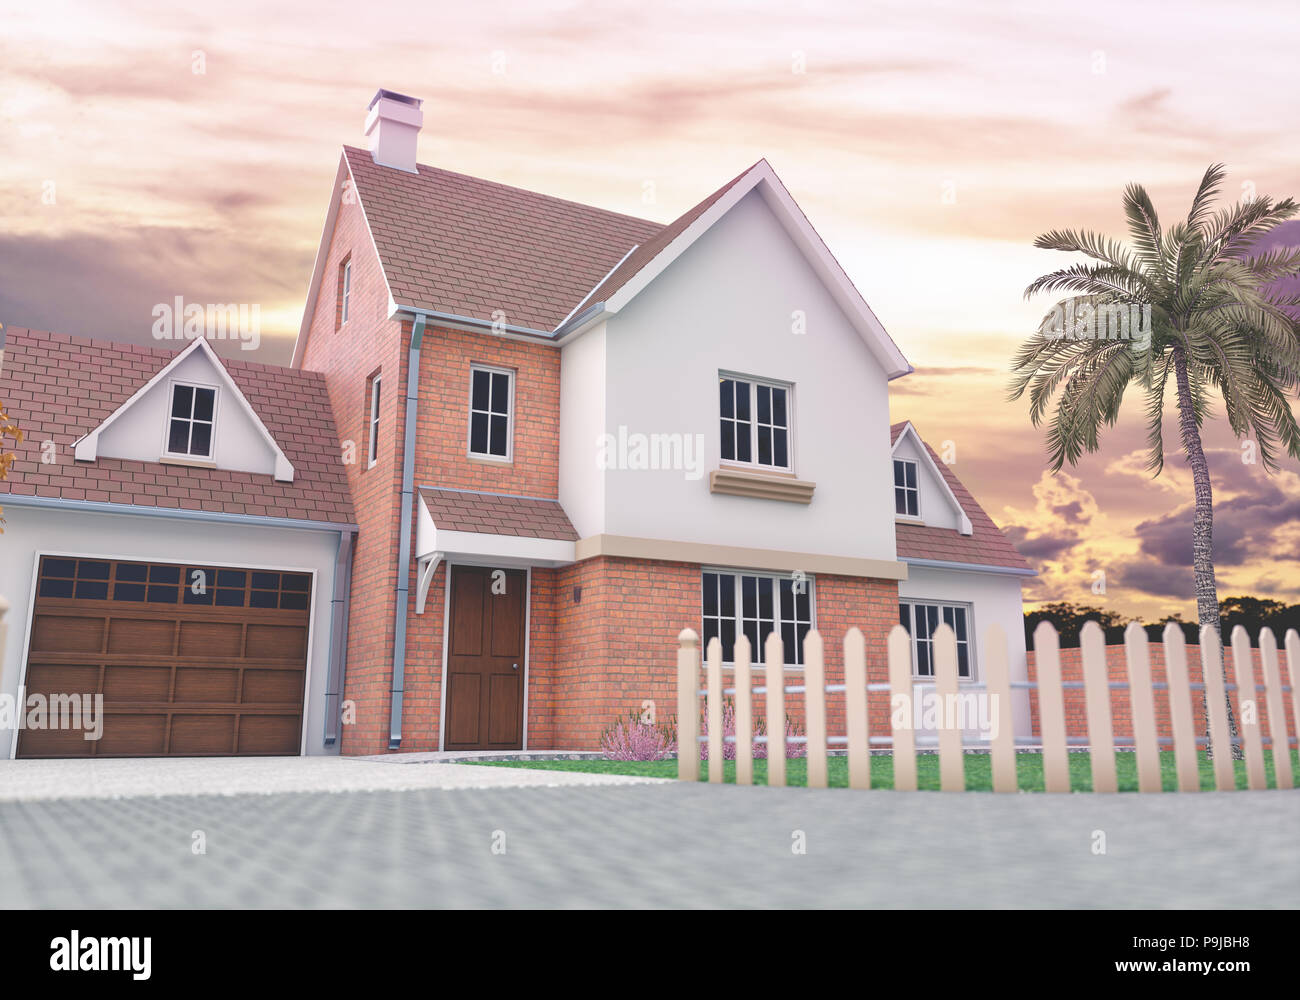 3D illustrazione di una casa in una giornata di sole con cielo blu e alcune nuvole. Immagini Stock